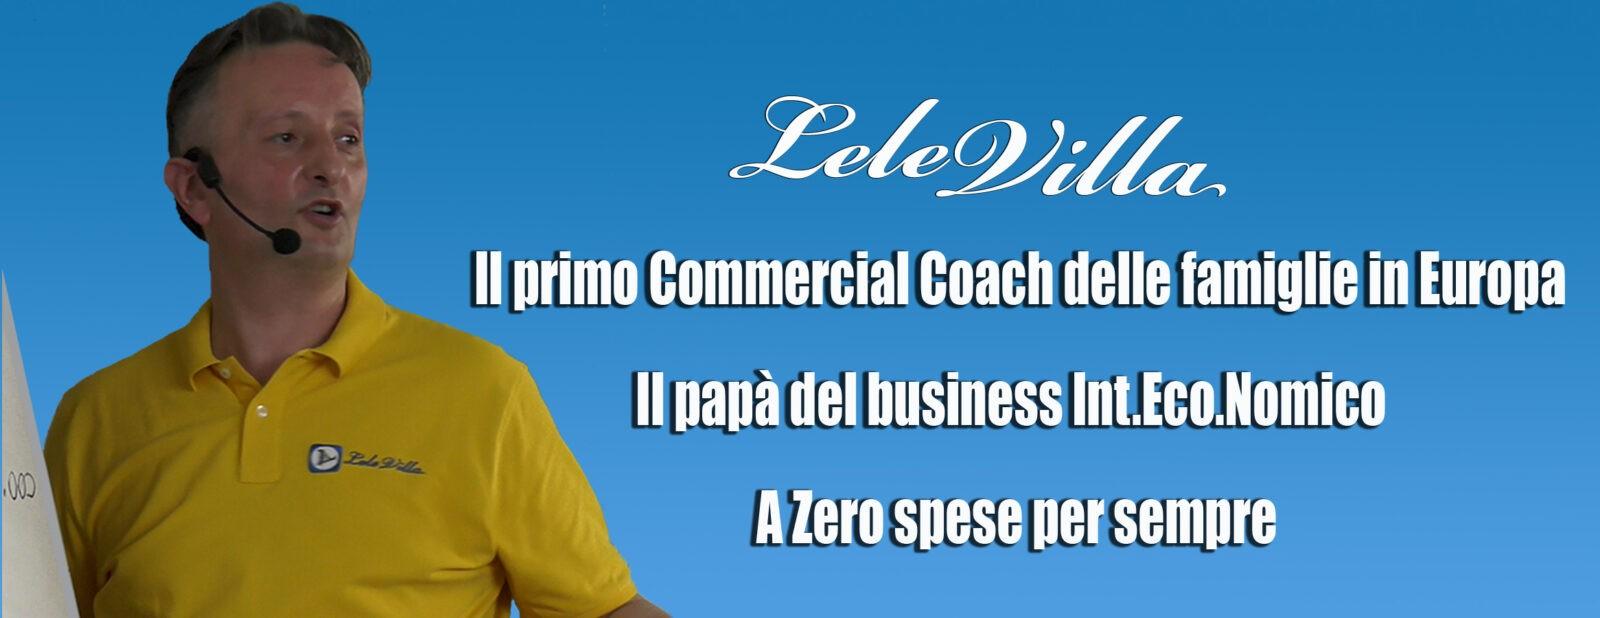 Banner sito chi è Lele Villa Commercial Training Europe copia